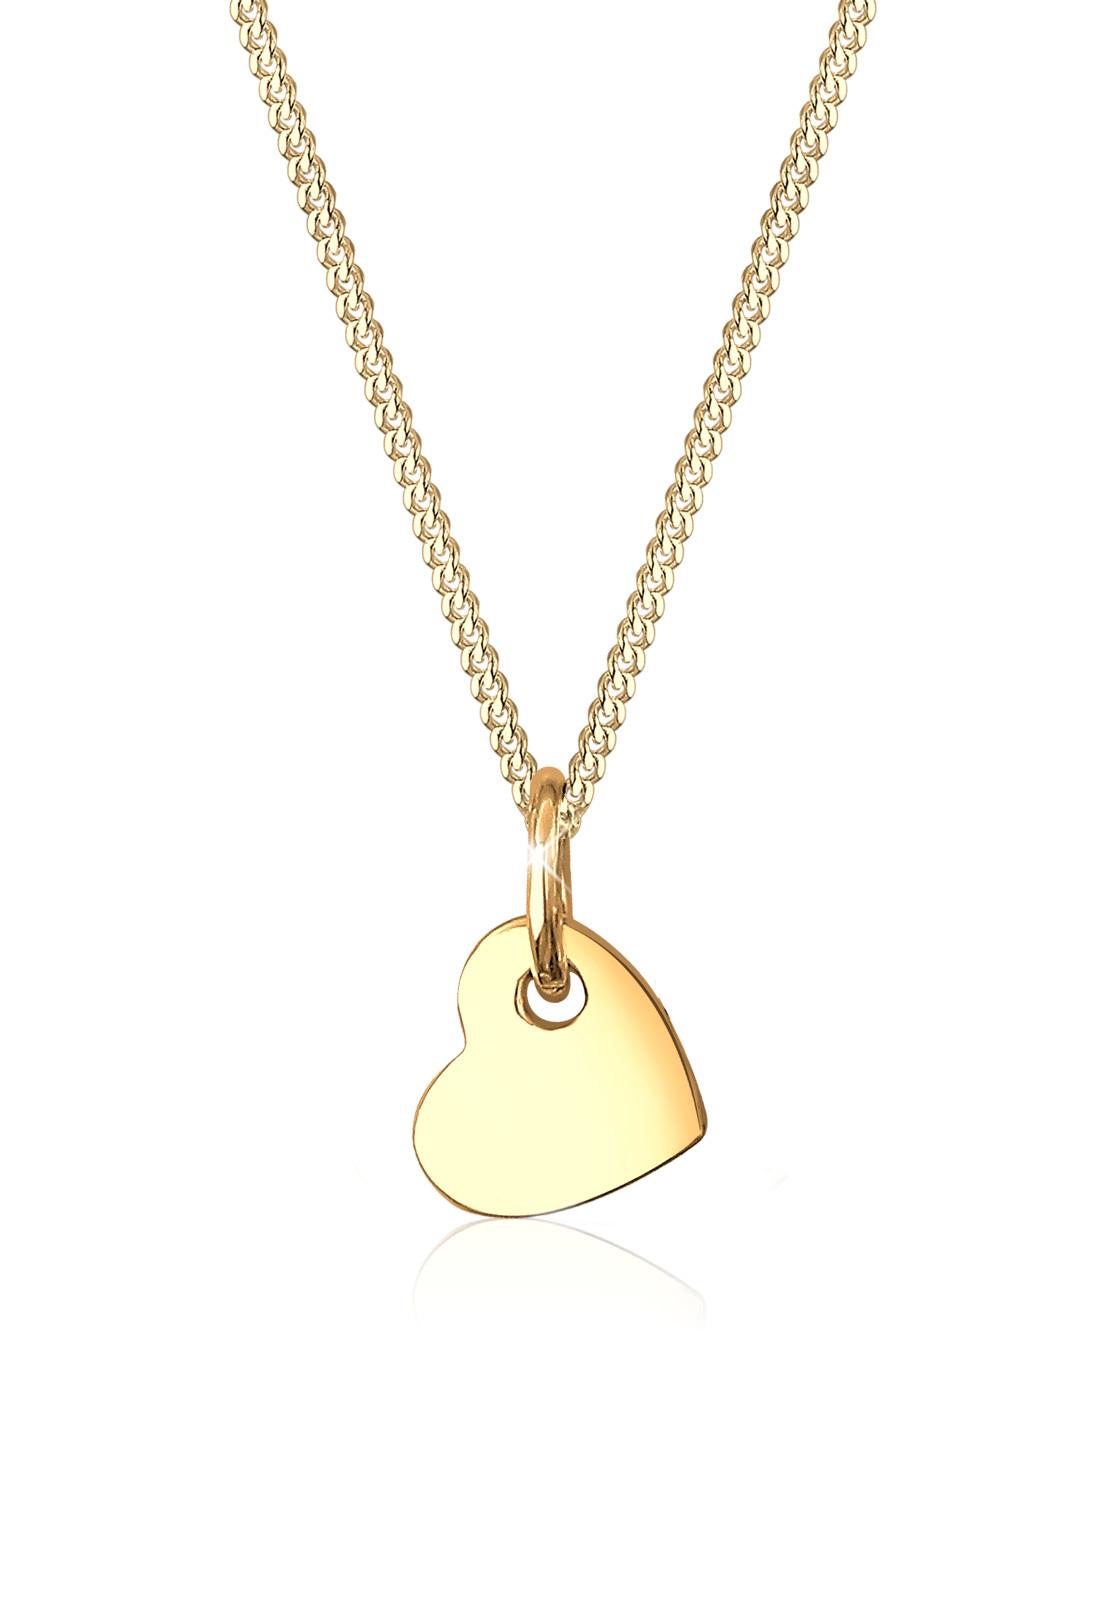 Halskette Herz   585 Gelbgold